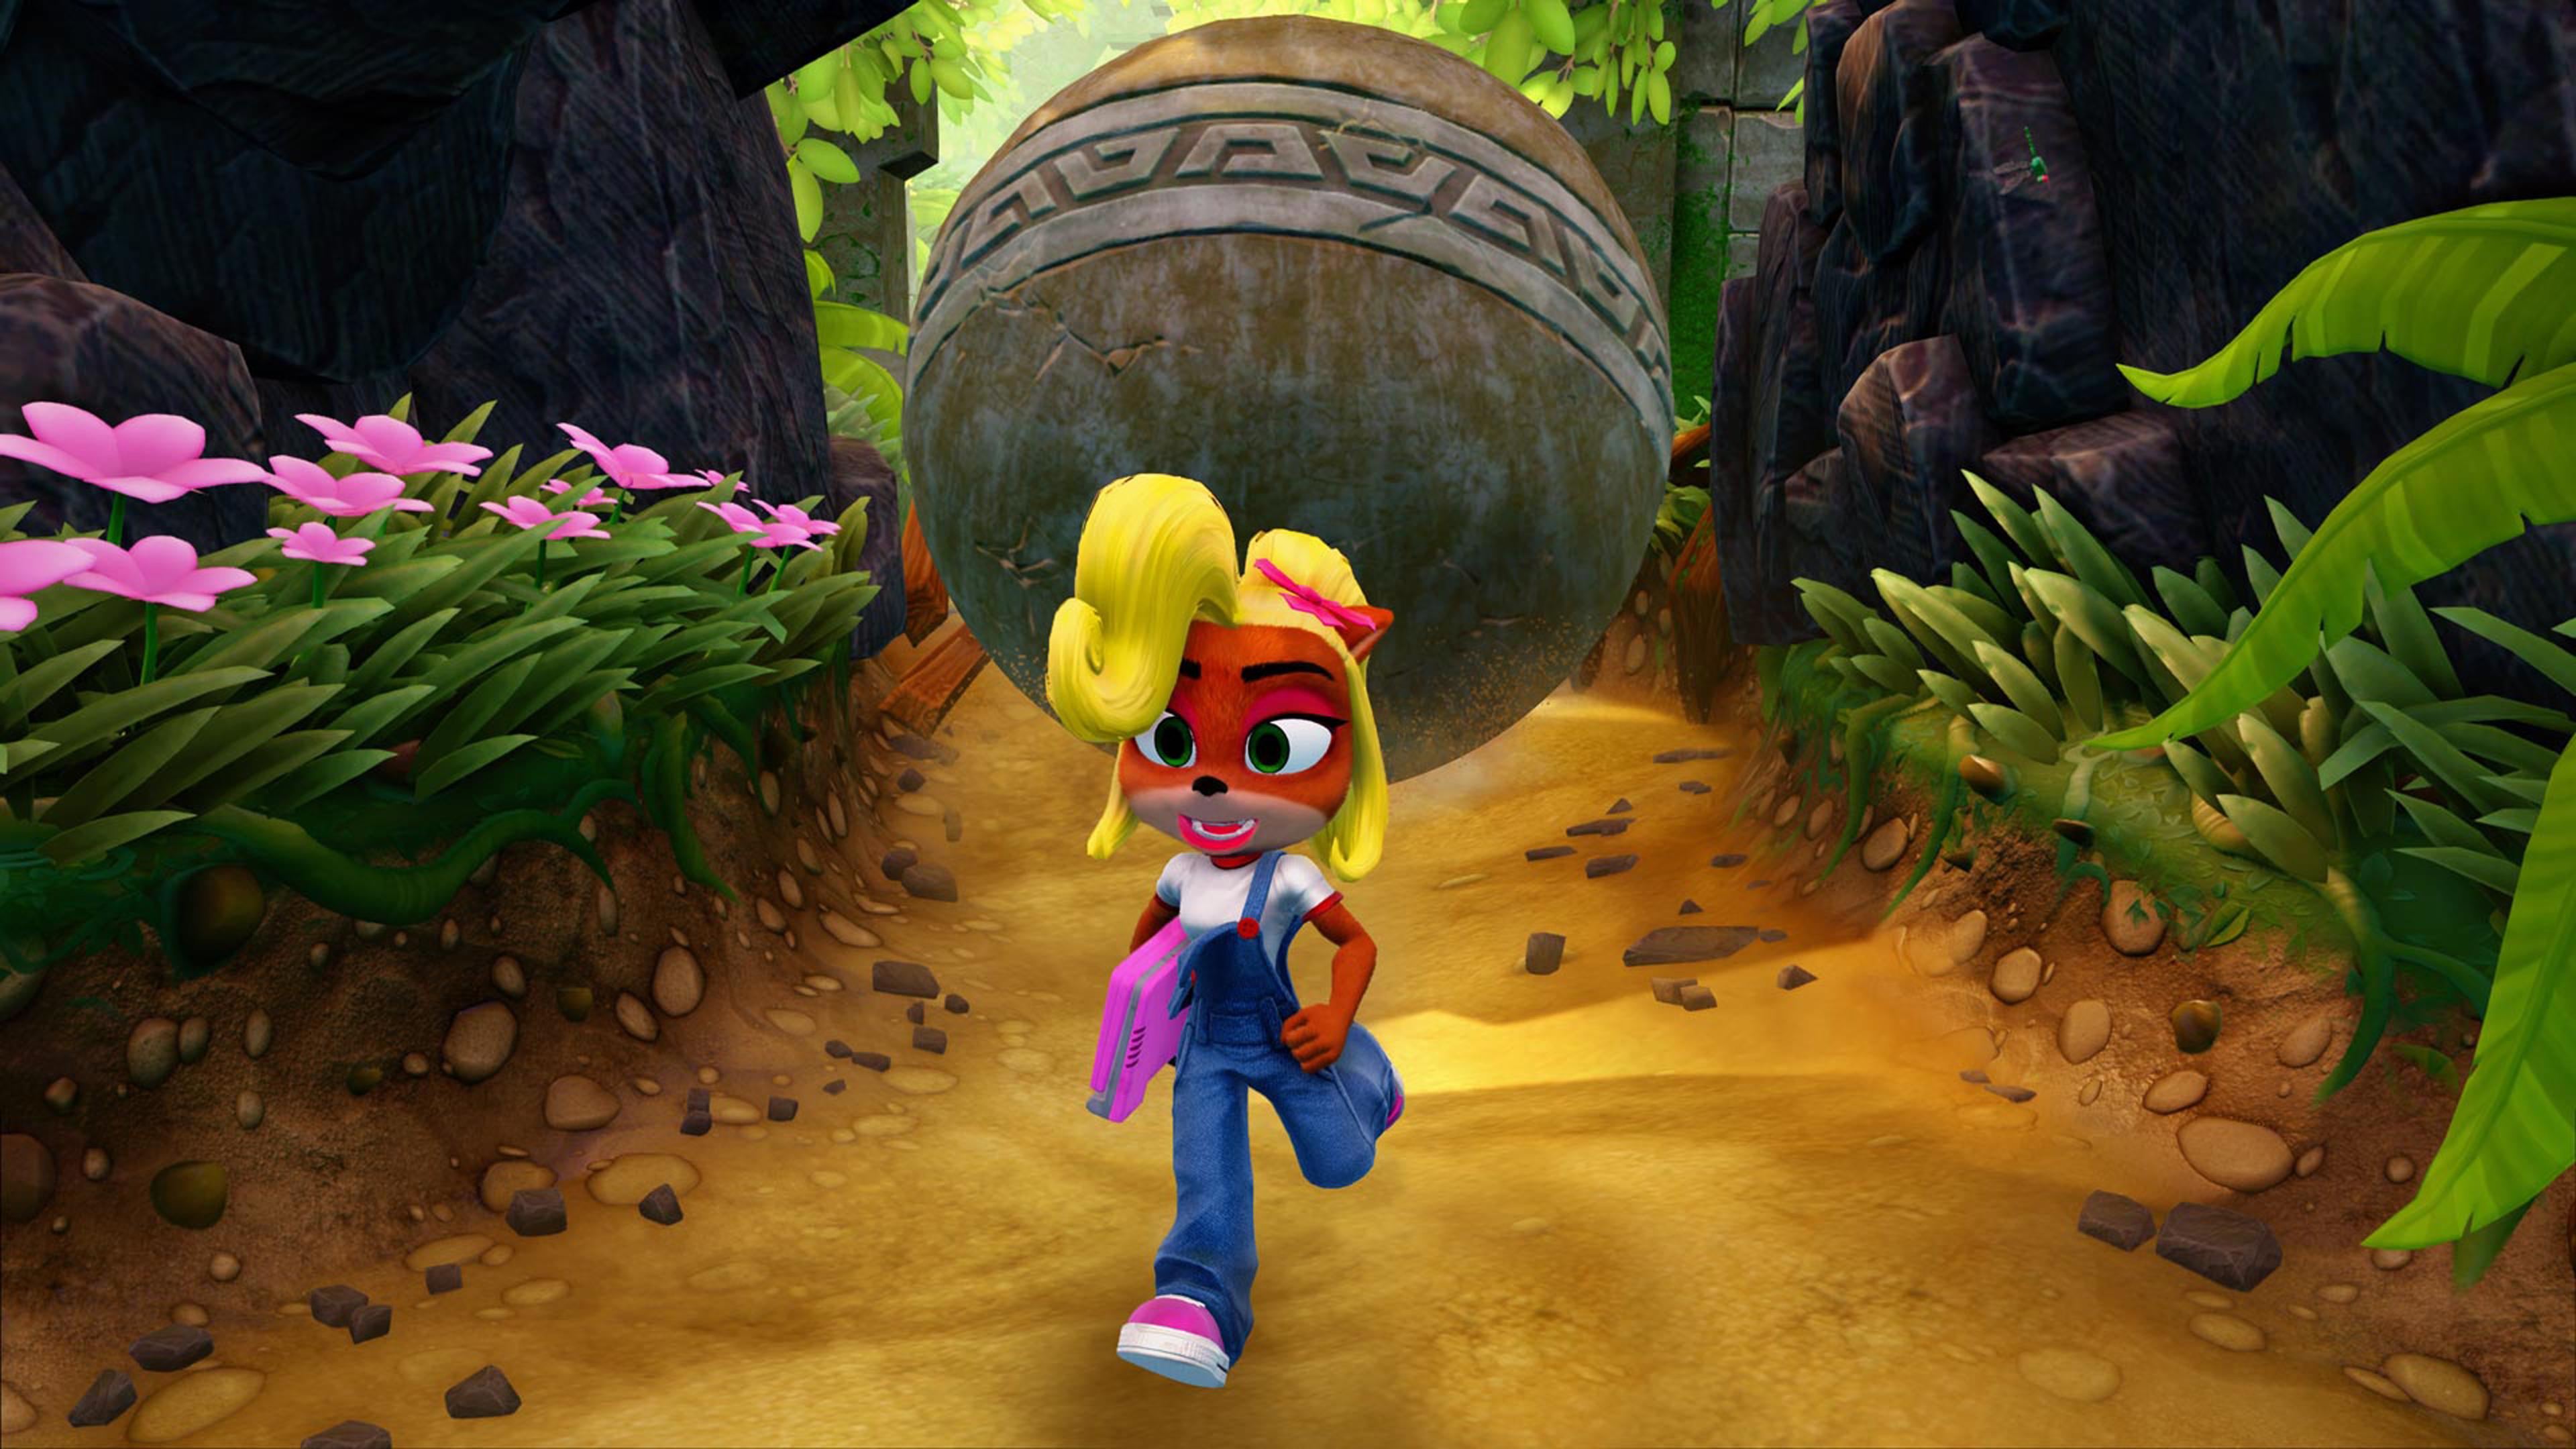 Скриншот №9 к Crash Bandicoot - юбилейный набор Crash